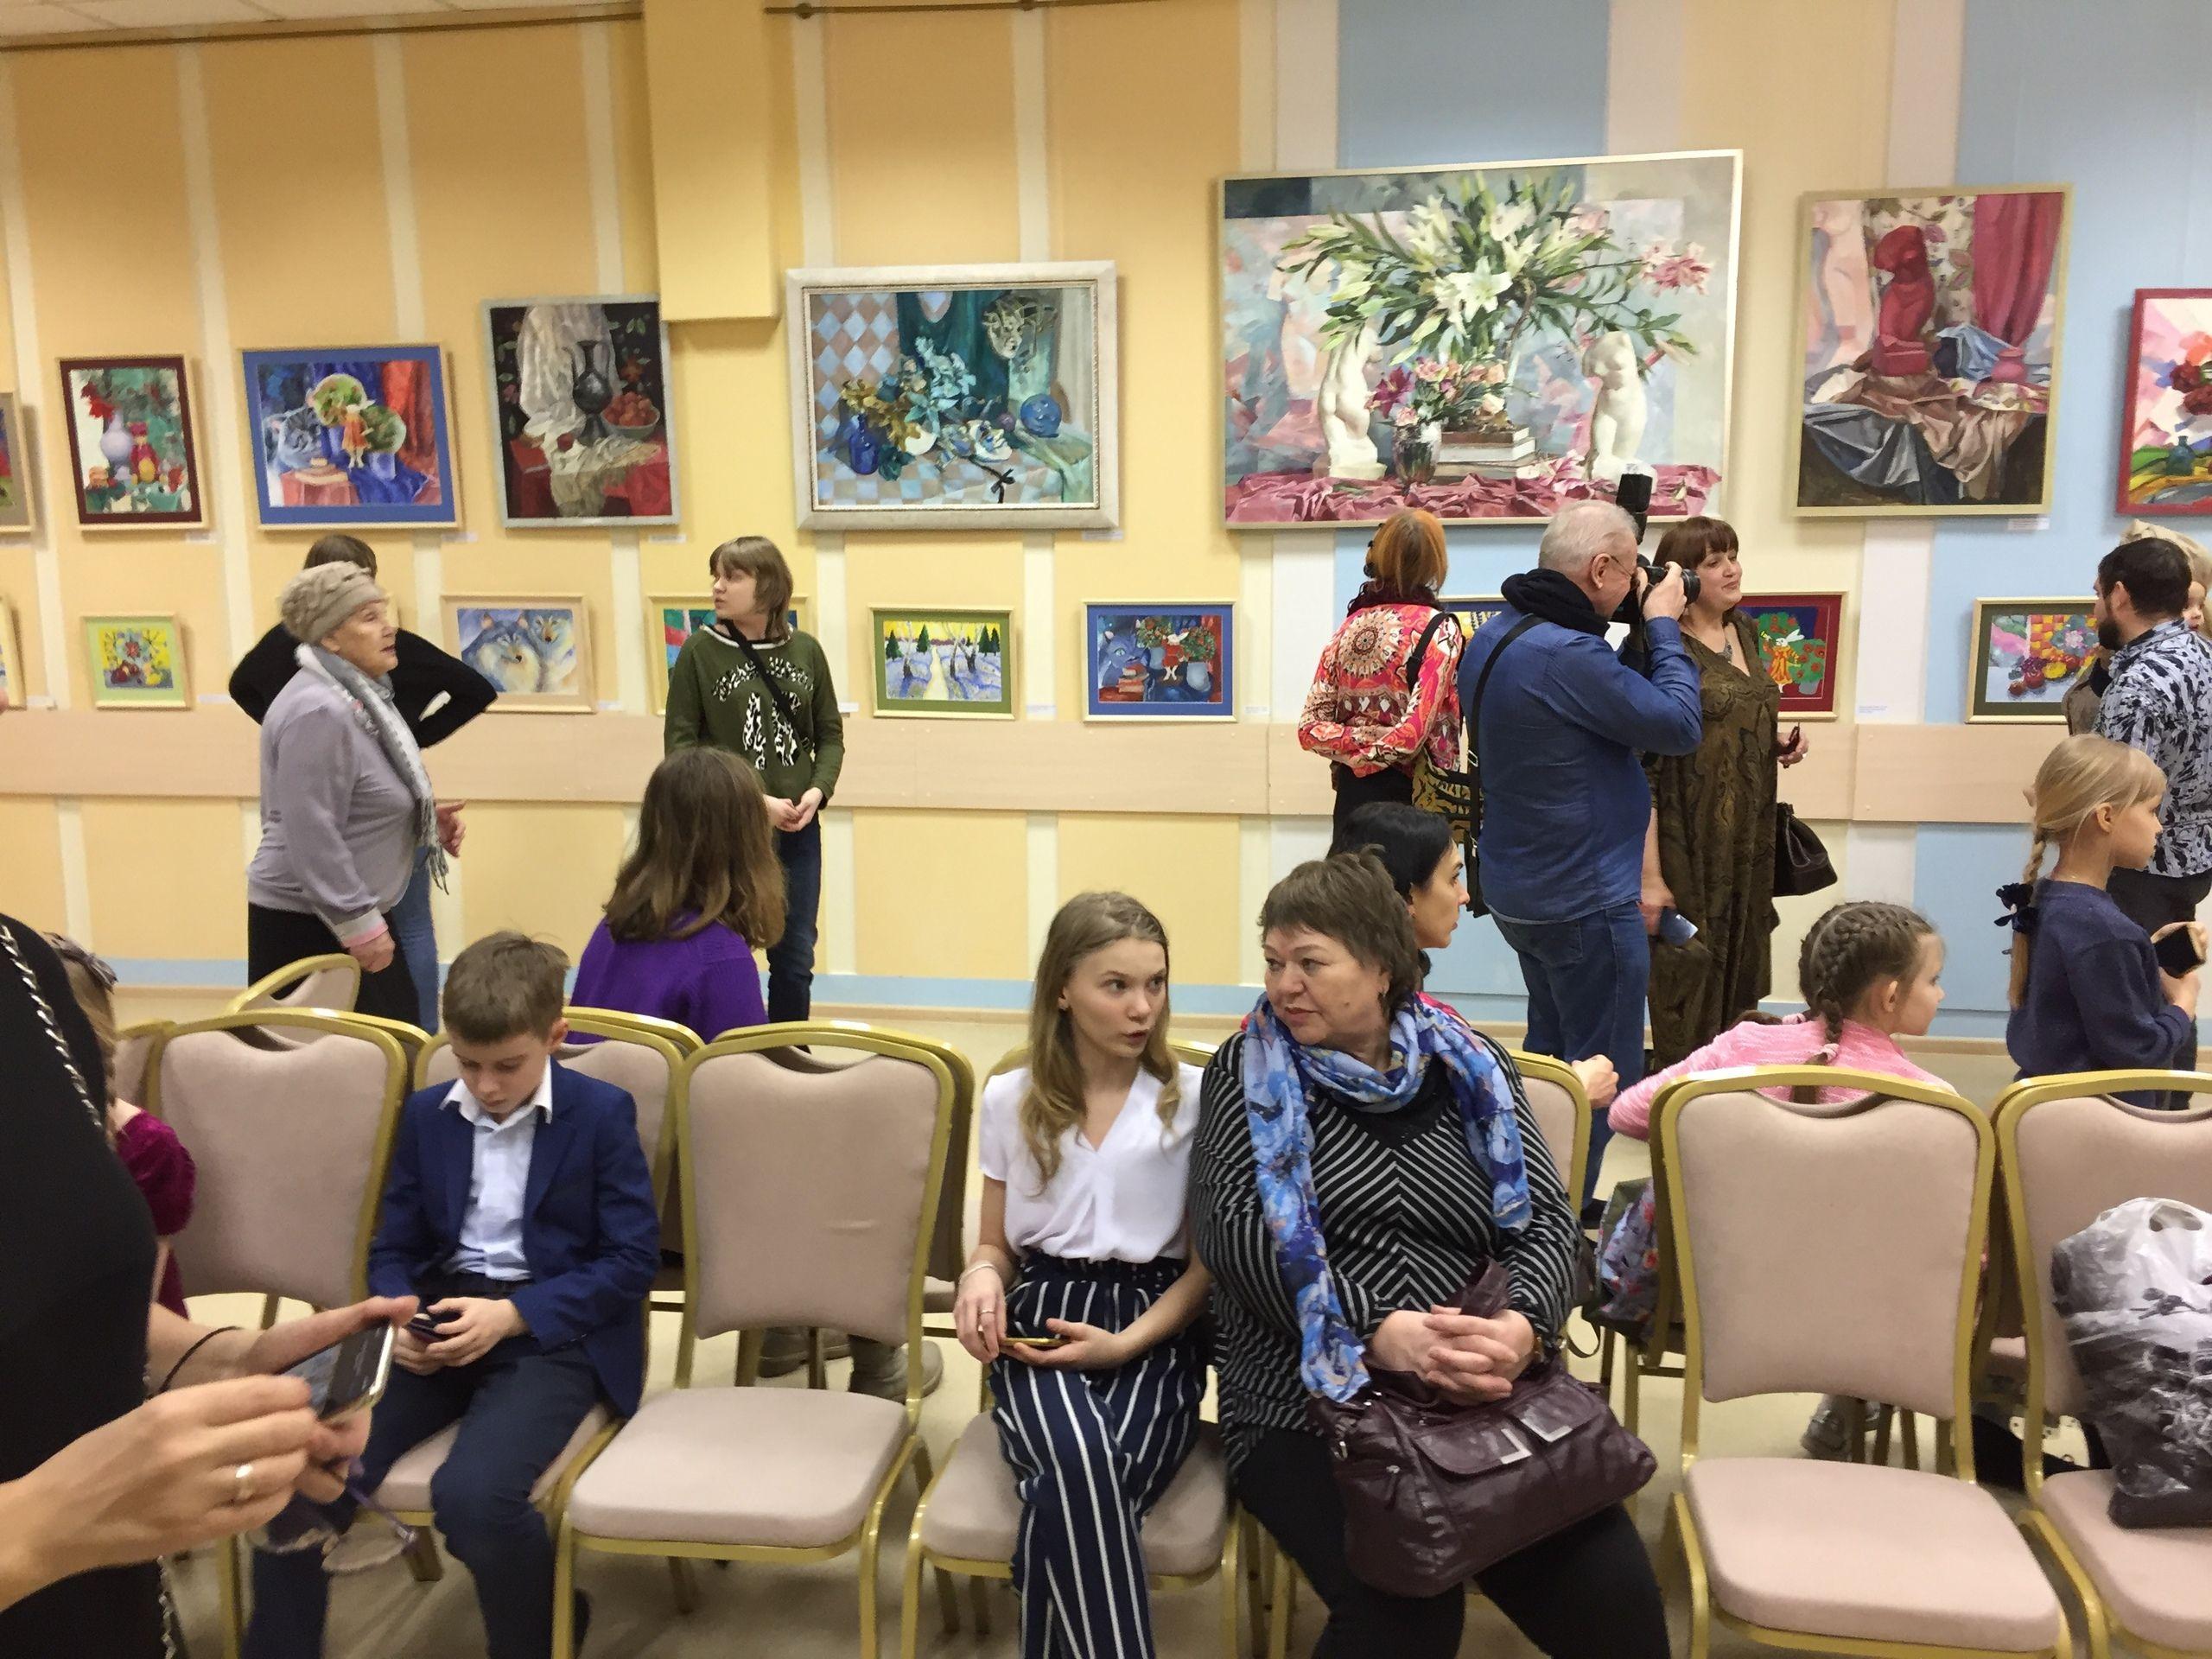 Видеоэкскурсию по выставке картин провели на базе Дома культуры «Десна»